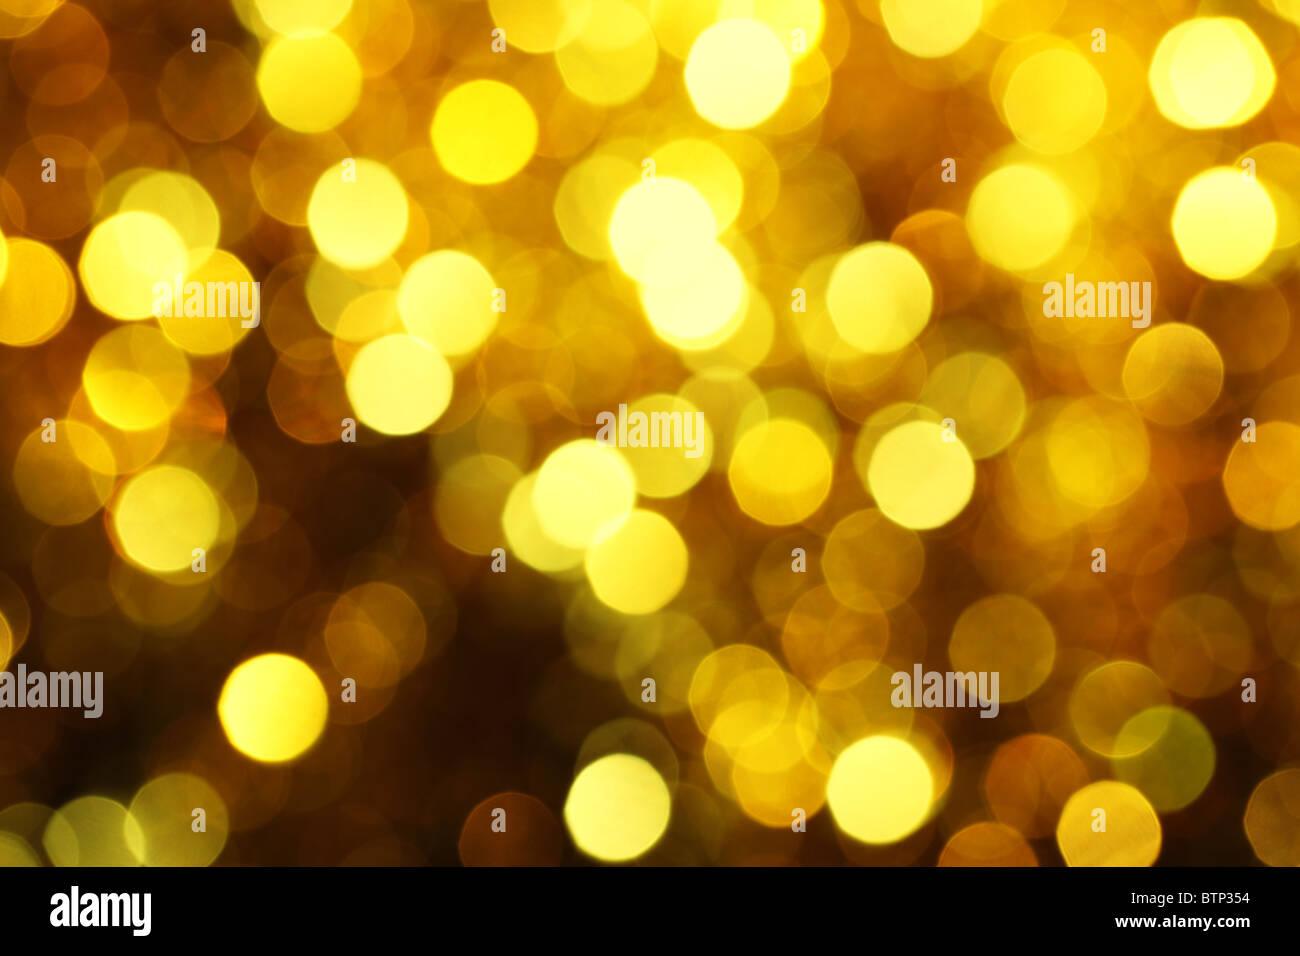 Résumé Les lumières de Noël en arrière-plan Photo Stock